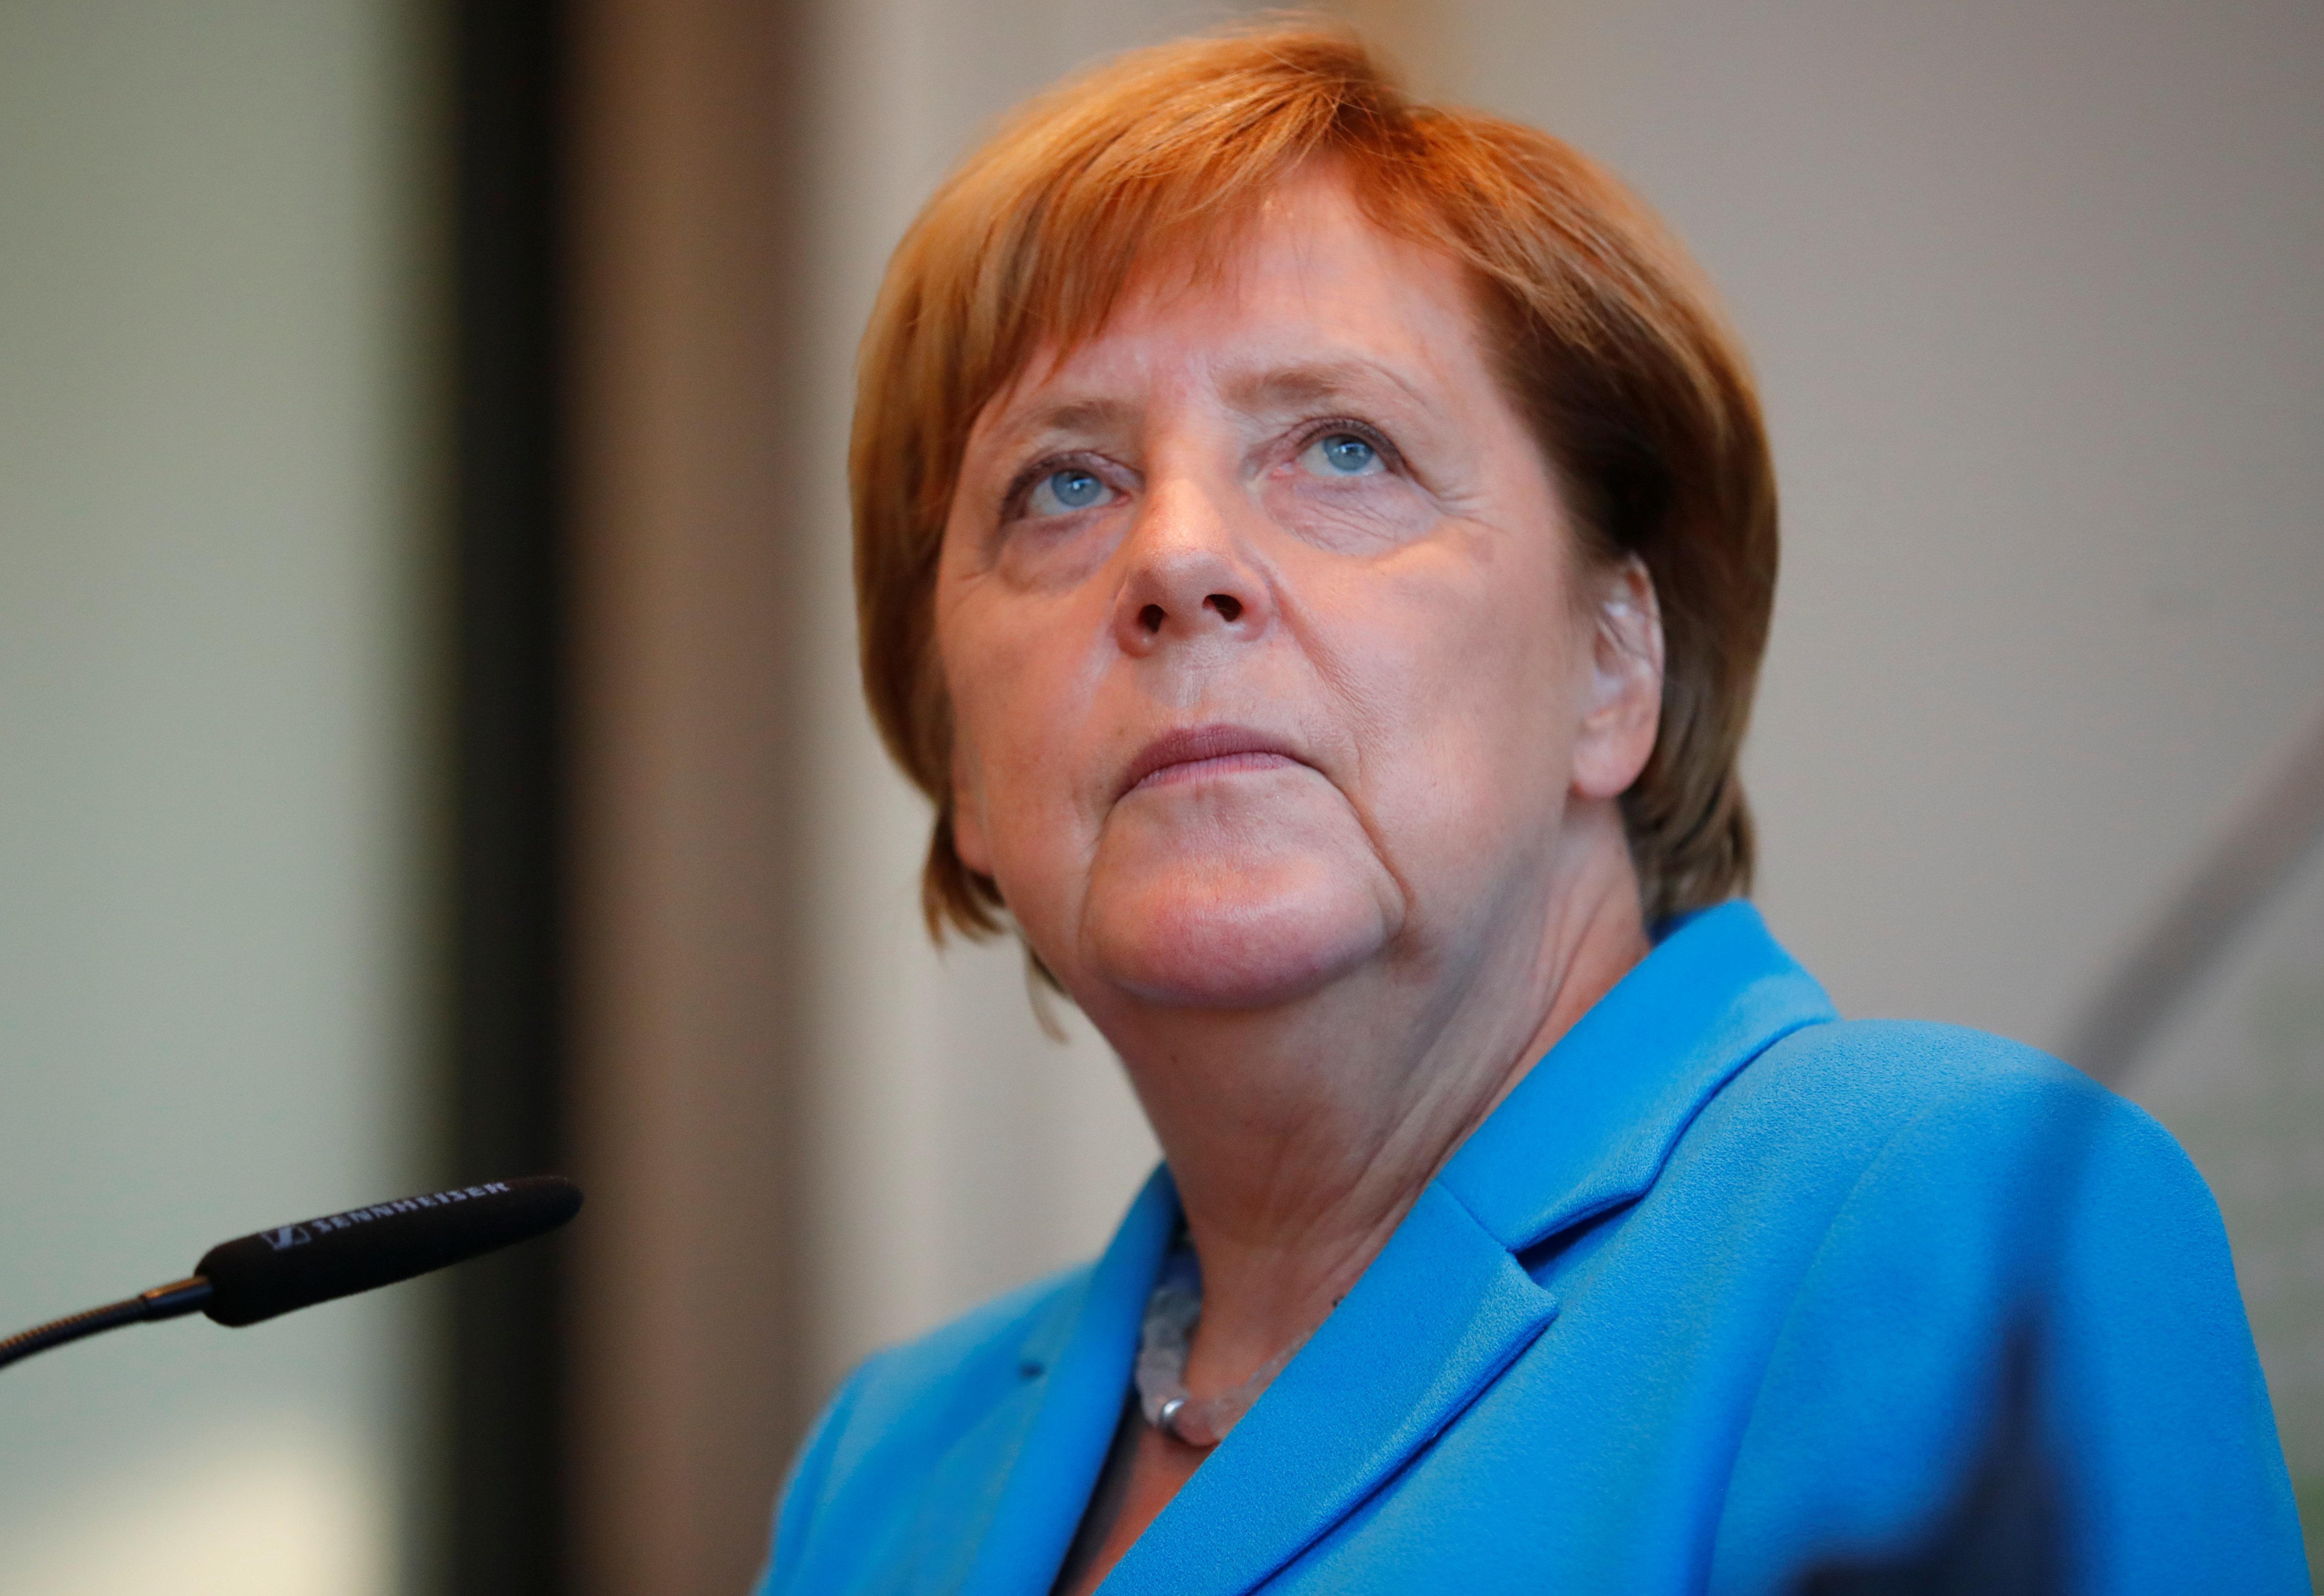 Μέρκελ: Η Ελλάδα θα χρηματοδοτείται και πάλι με τις δικές της